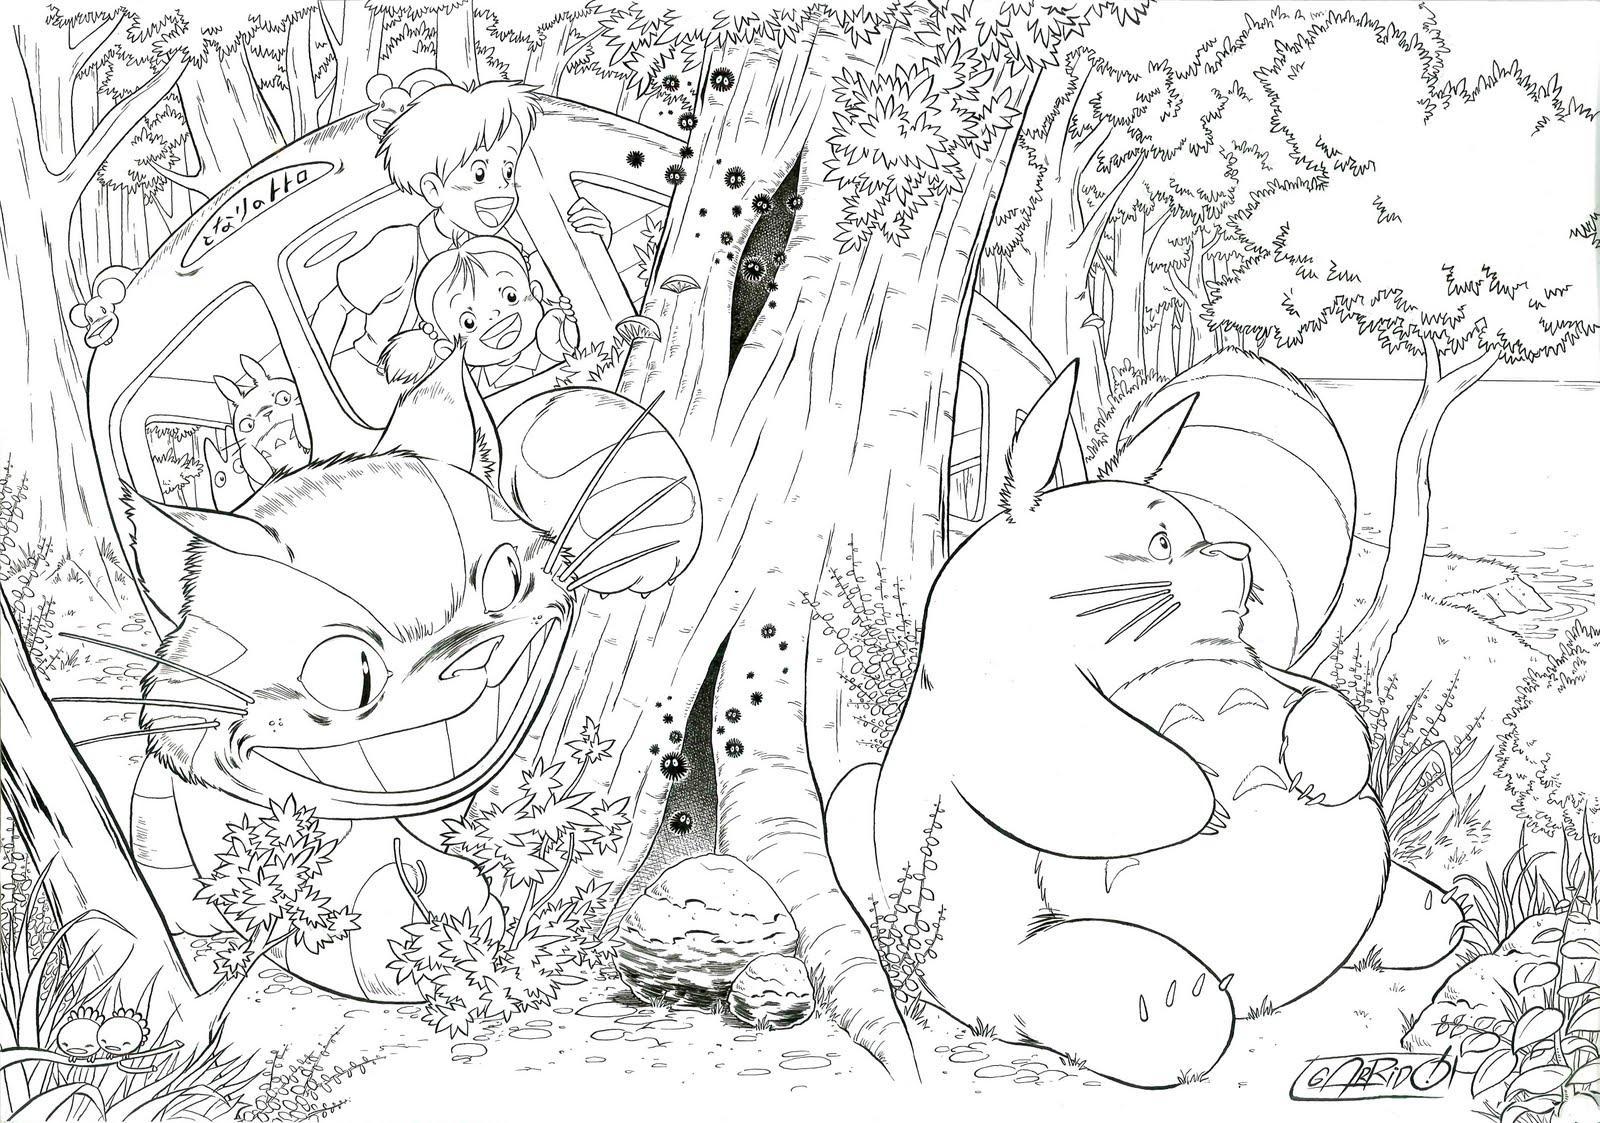 Desenho cheio de detalhes para colorir (Foto: Divulgação)